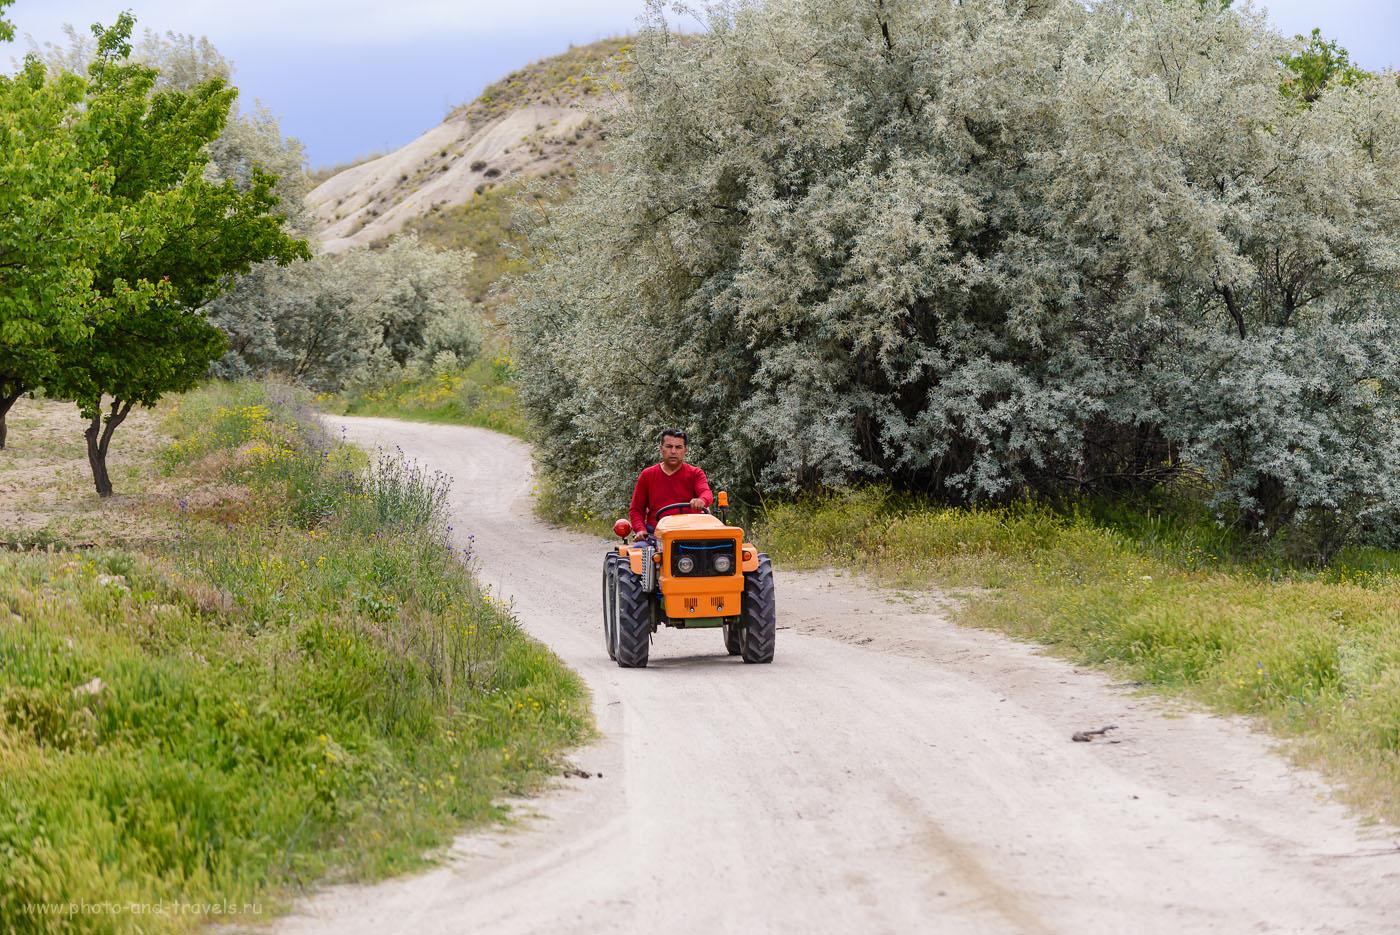 Фотография 23. Турецкий тракторист. Самостоятельная экскурсия по долинам Каппадокии. Отзывы туристов об отдыхе в Турции в мае. 1/640, +0.33, 4.8, 160, 122.